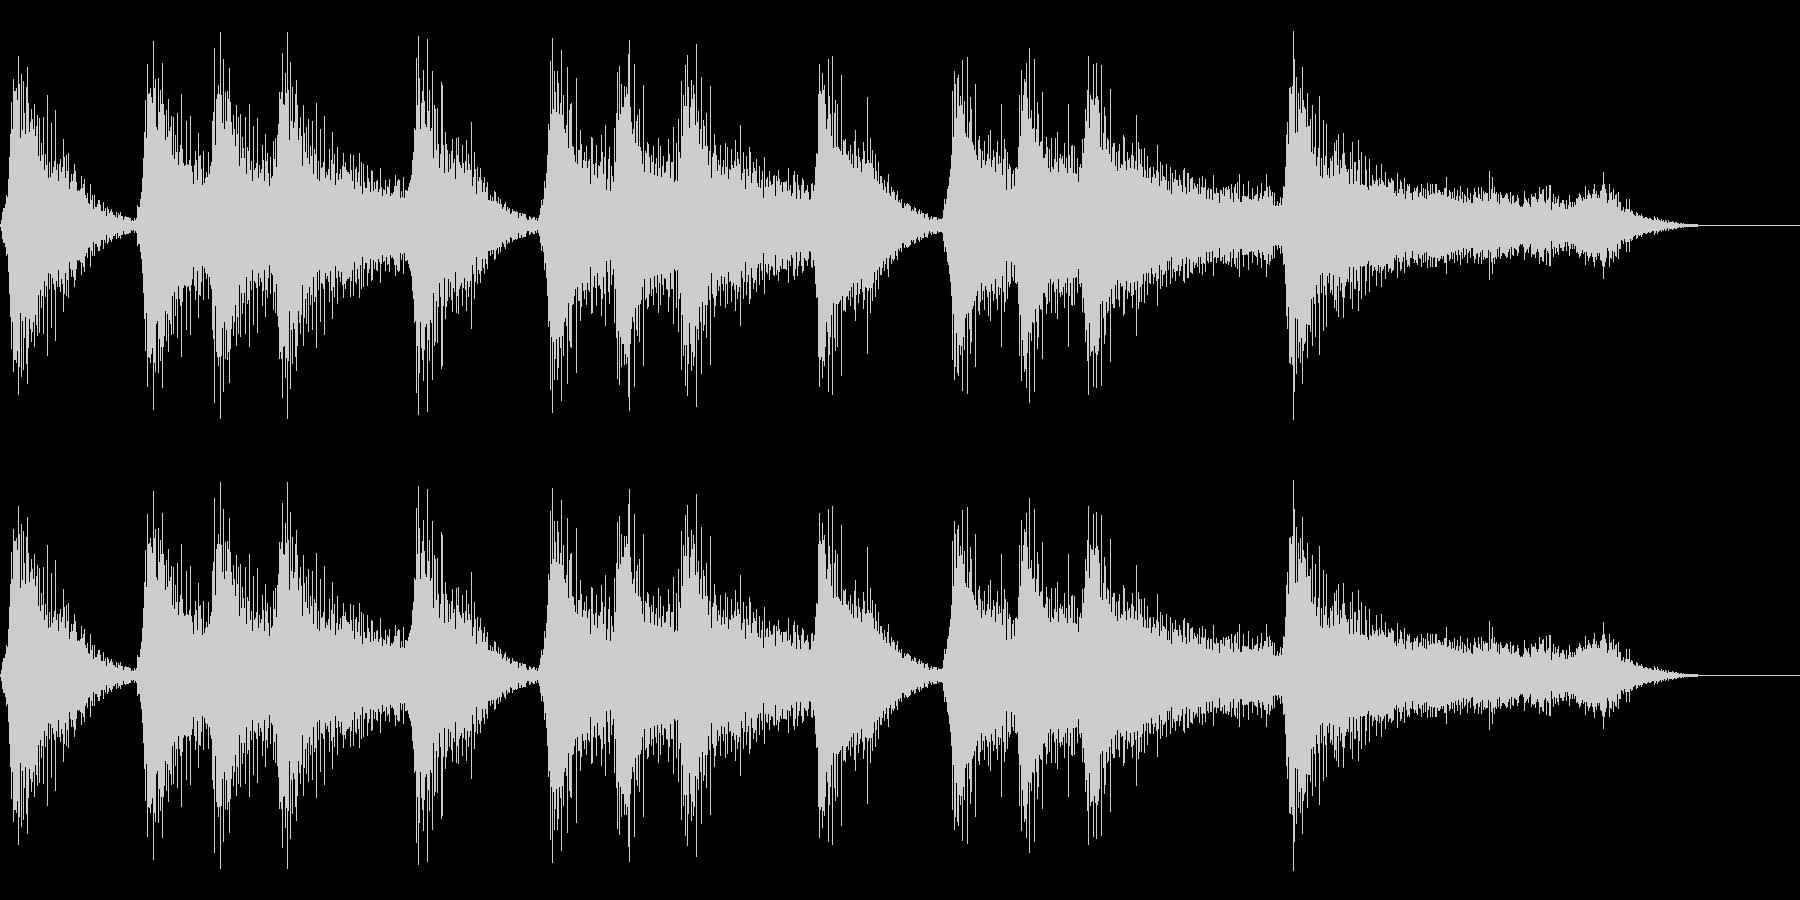 ゲームクリア ステージクリア 8bitの未再生の波形